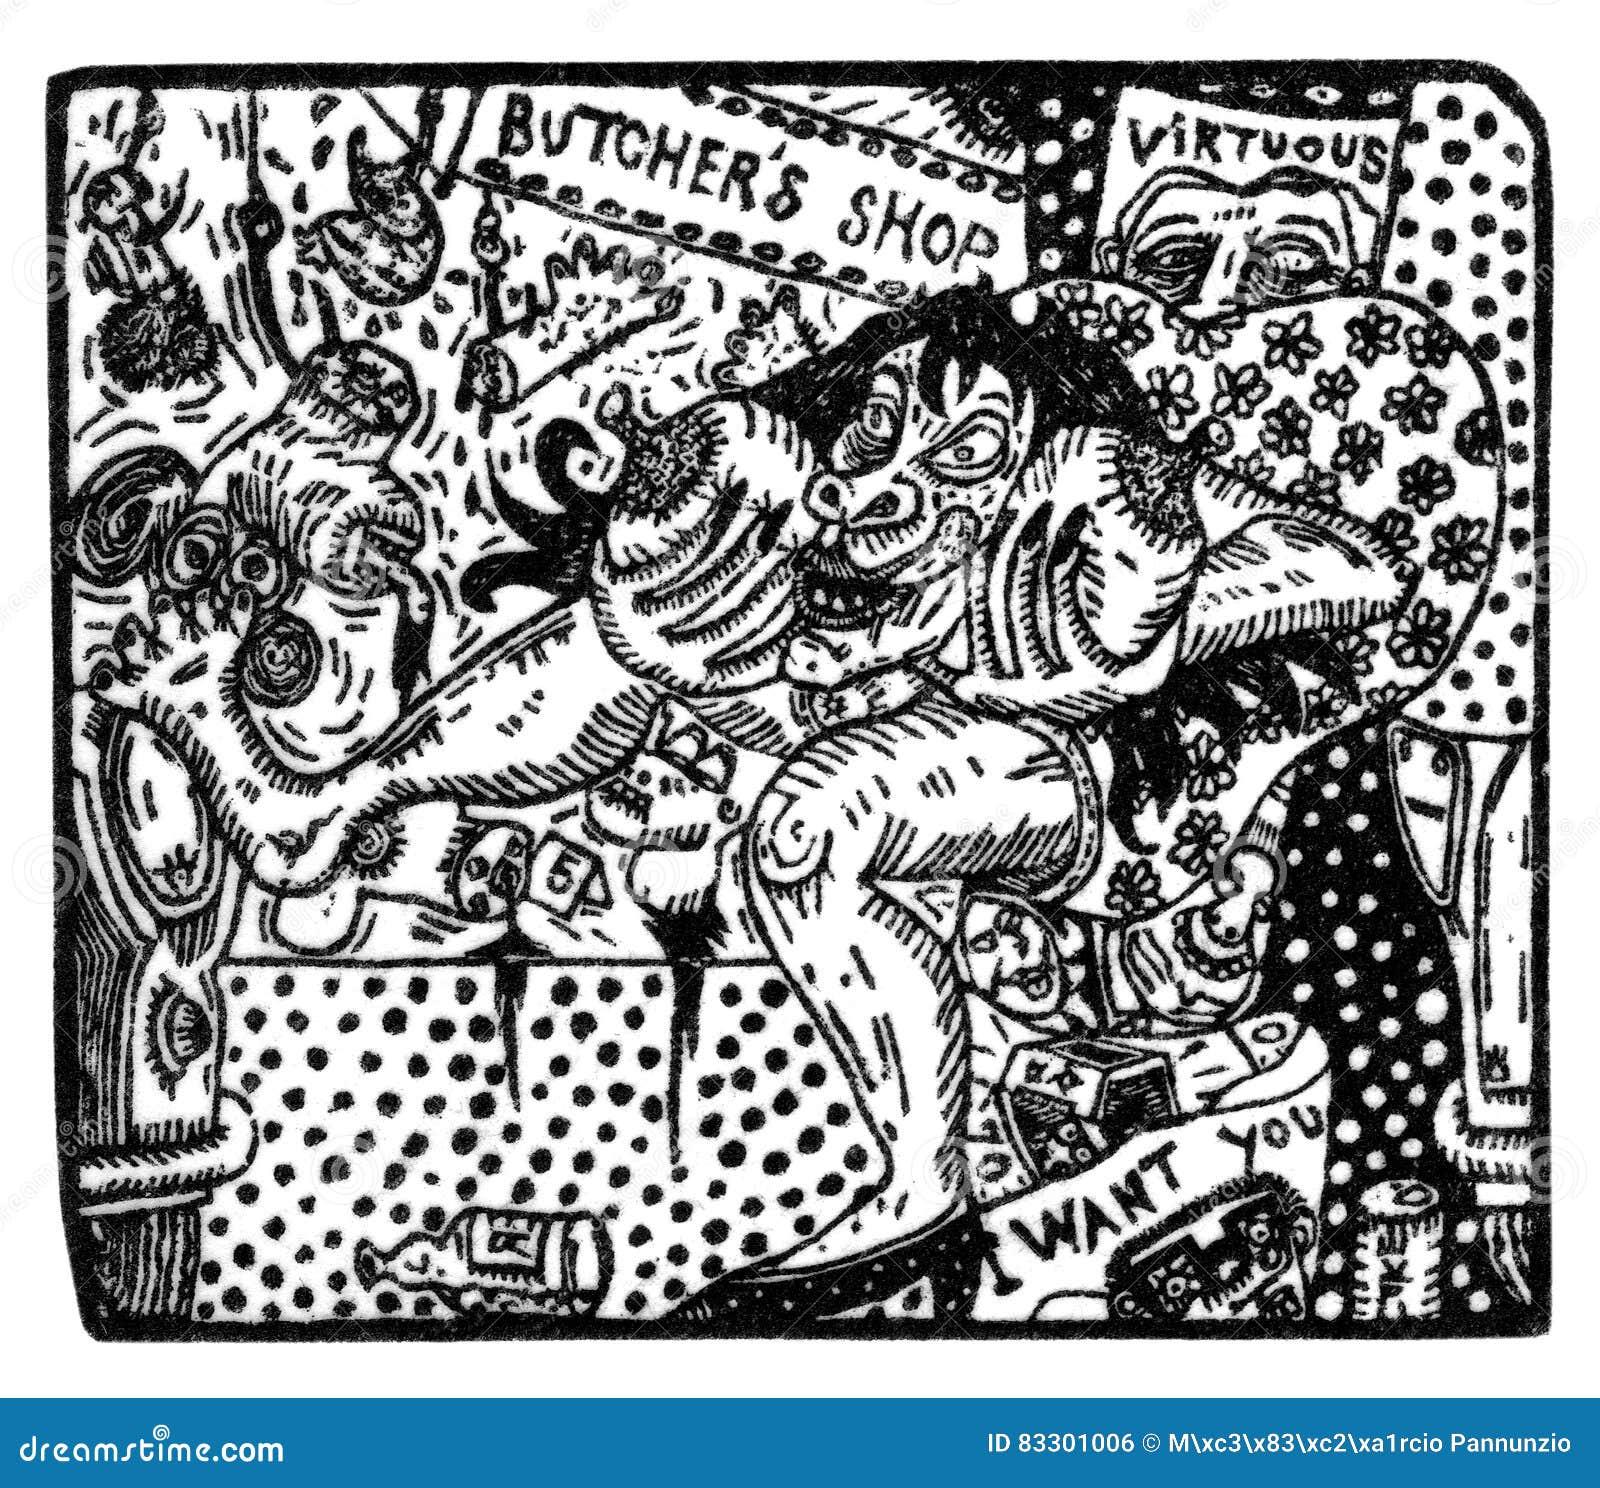 Ilustração feita da gravura de madeira que descreve uma cena da exploração e da injustiça